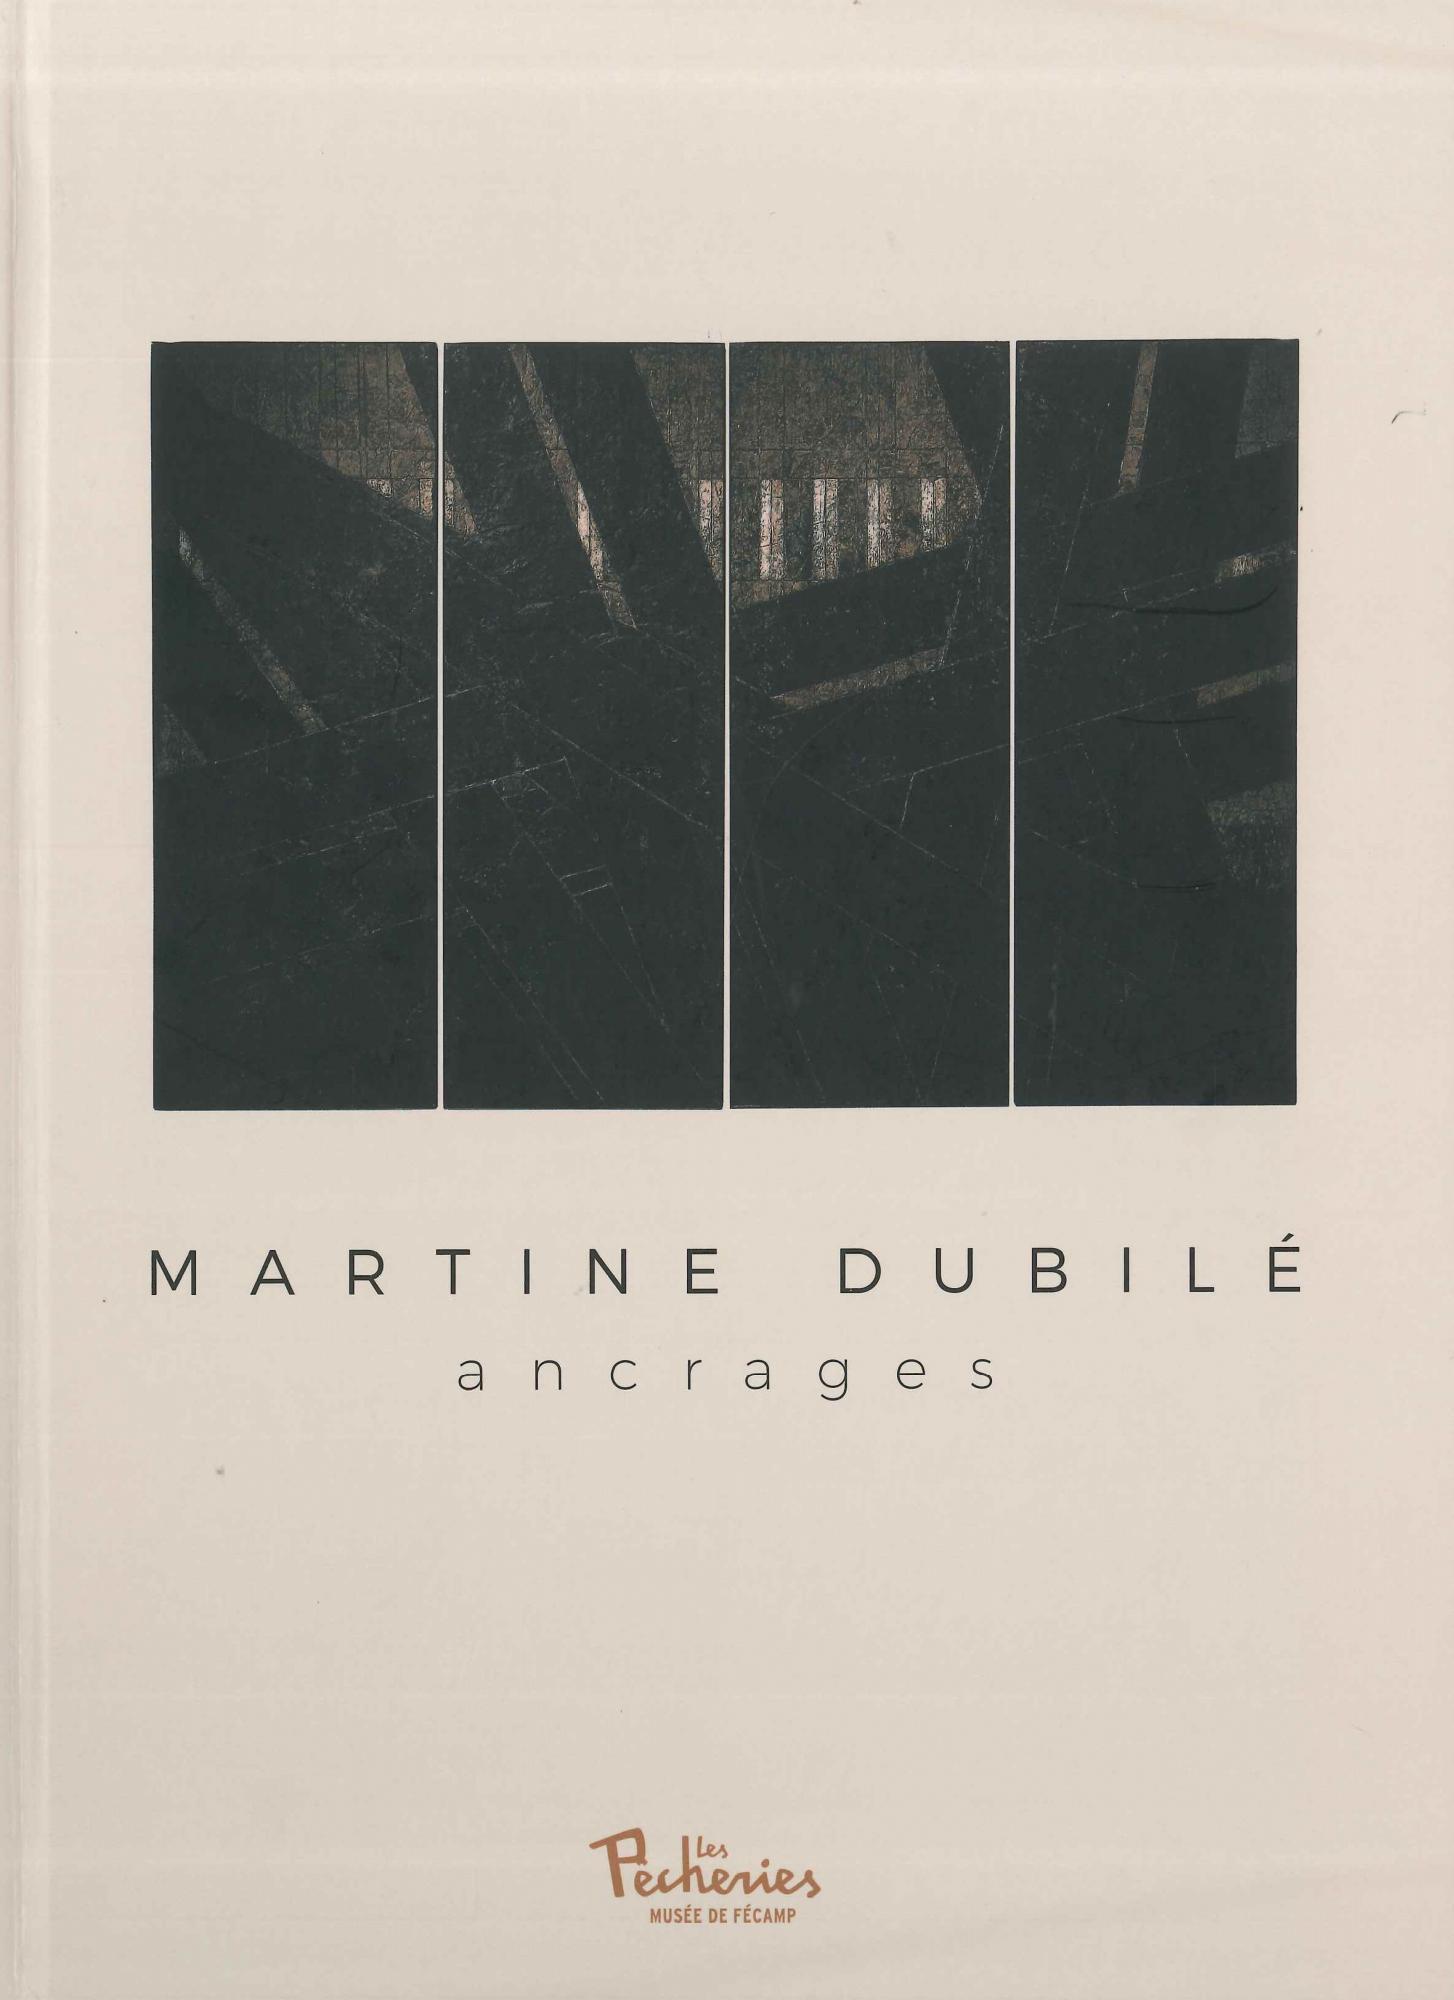 Martine Dubilé, ancrages